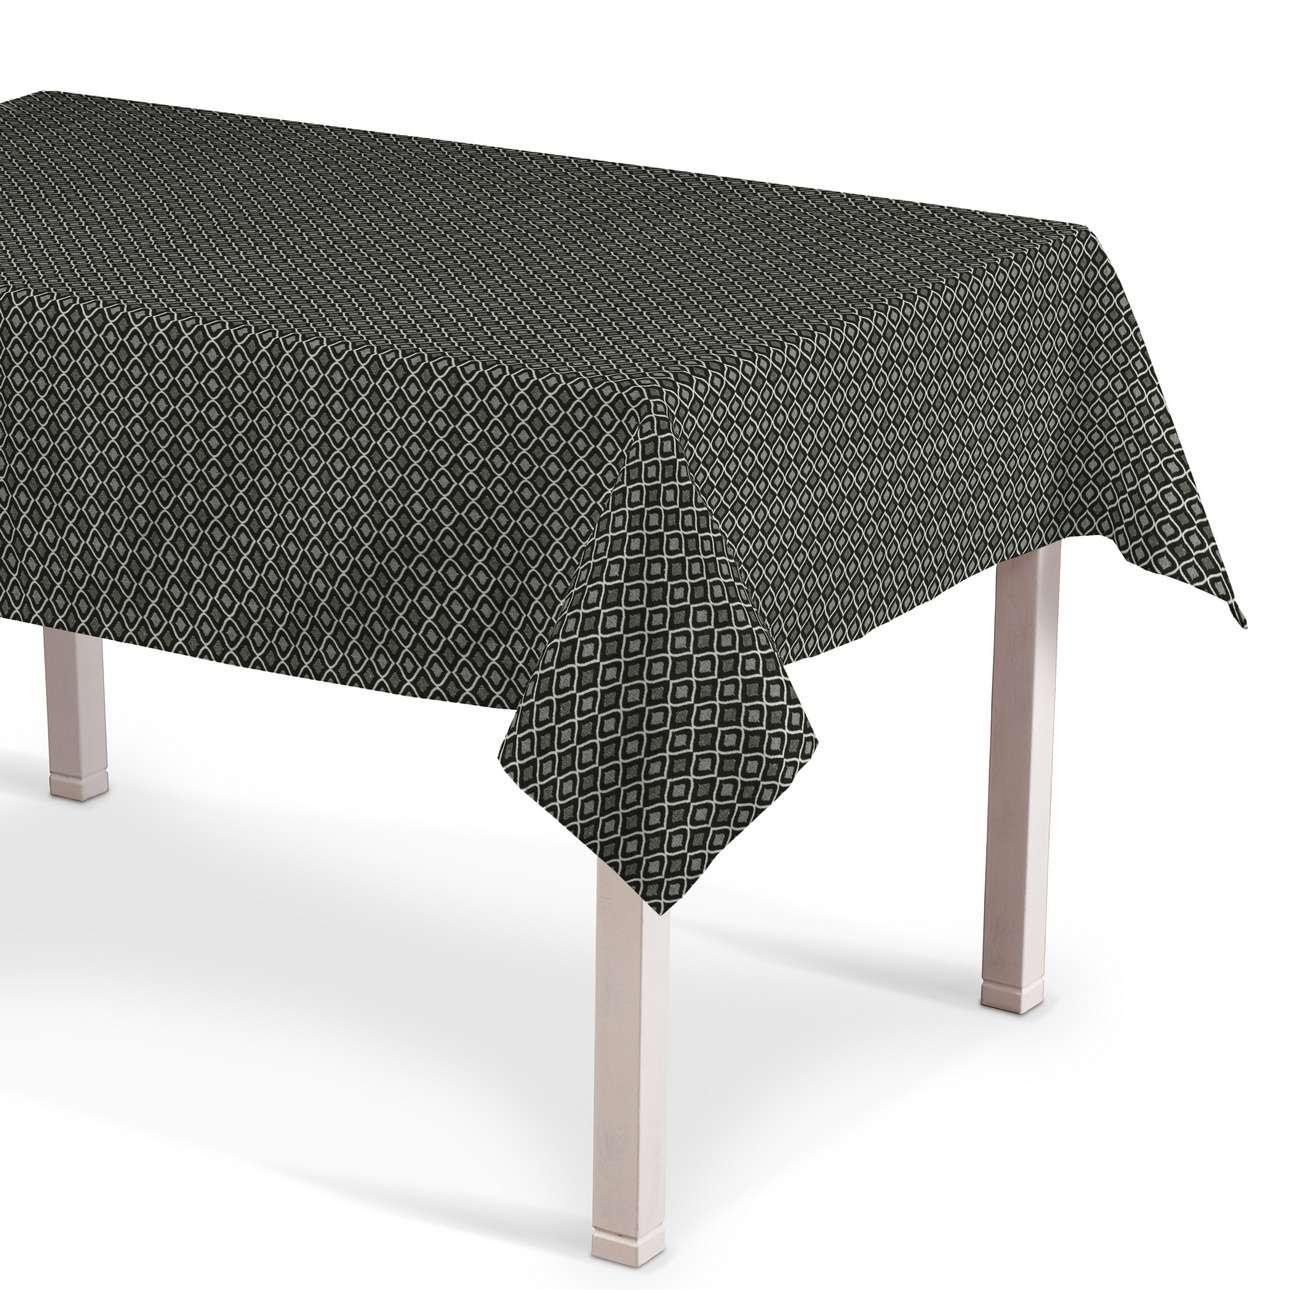 Rechteckige Tischdecke, schwarz-weiß, 130 × 130 cm, Black & White | Heimtextilien > Tischdecken und Co | Dekoria